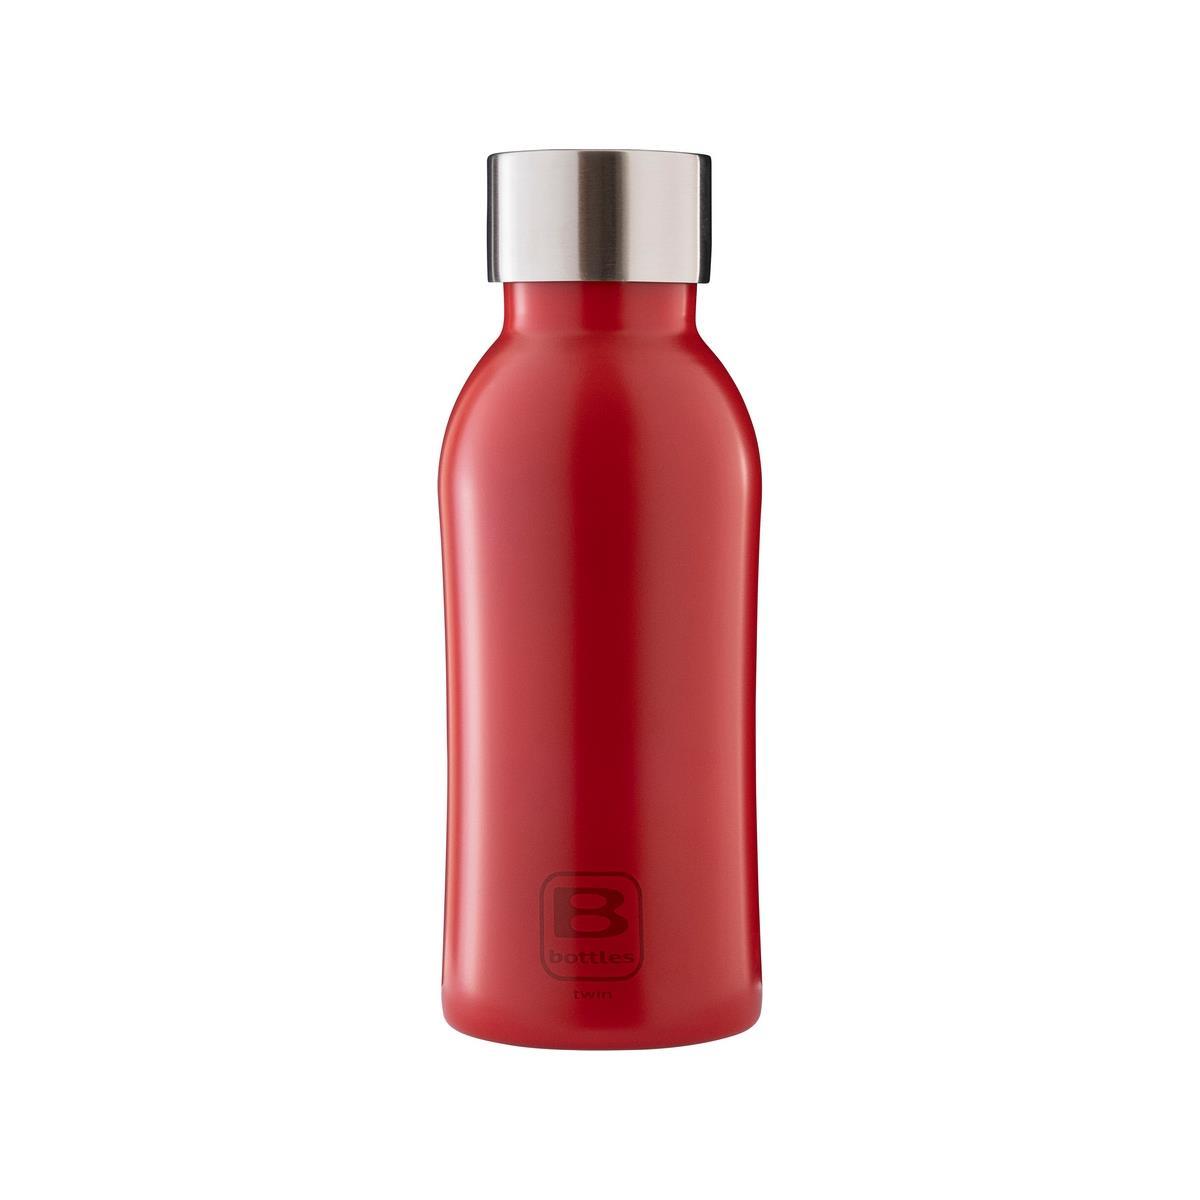 B Bottles Twin - Rosso - 350 ml - Bottiglia Termica a doppia parete in acciaio inox 18/10